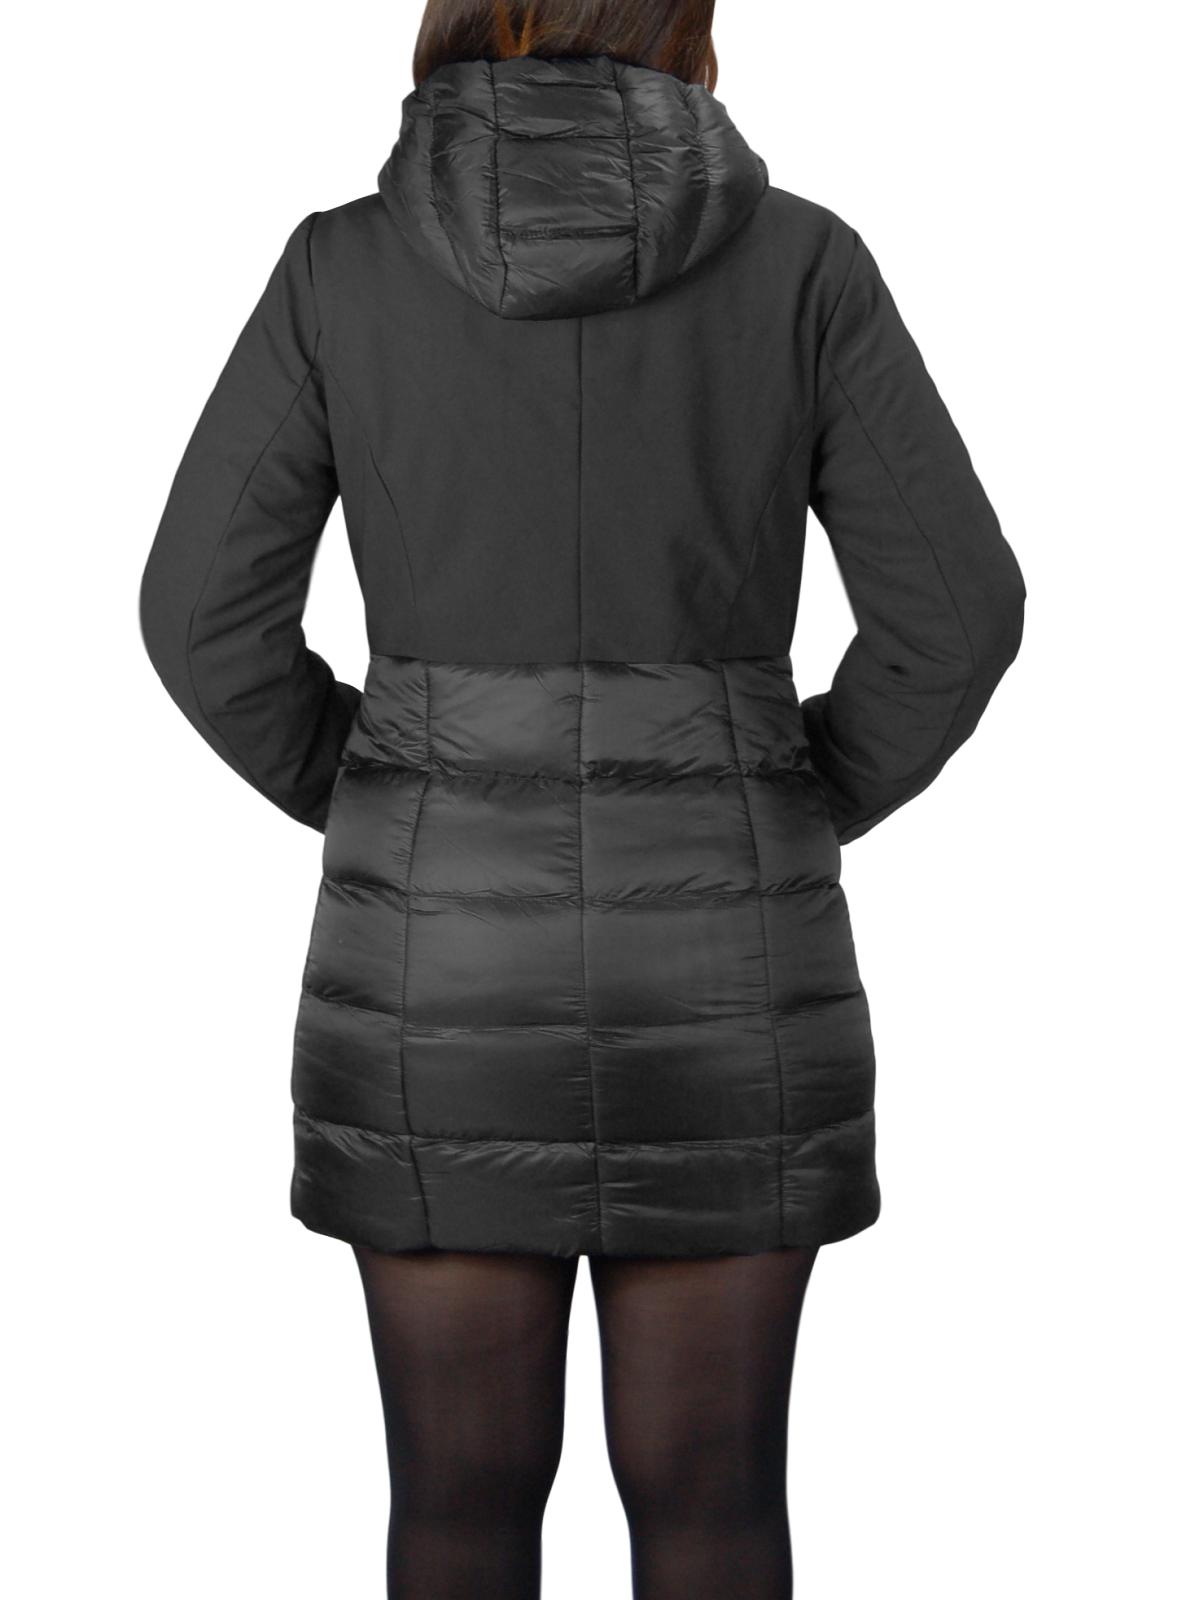 Giubbotto-Donna-Invernale-Piumino-Impermeabile-Parka-Blu-Nero-Slim-fit-Casual miniatura 12